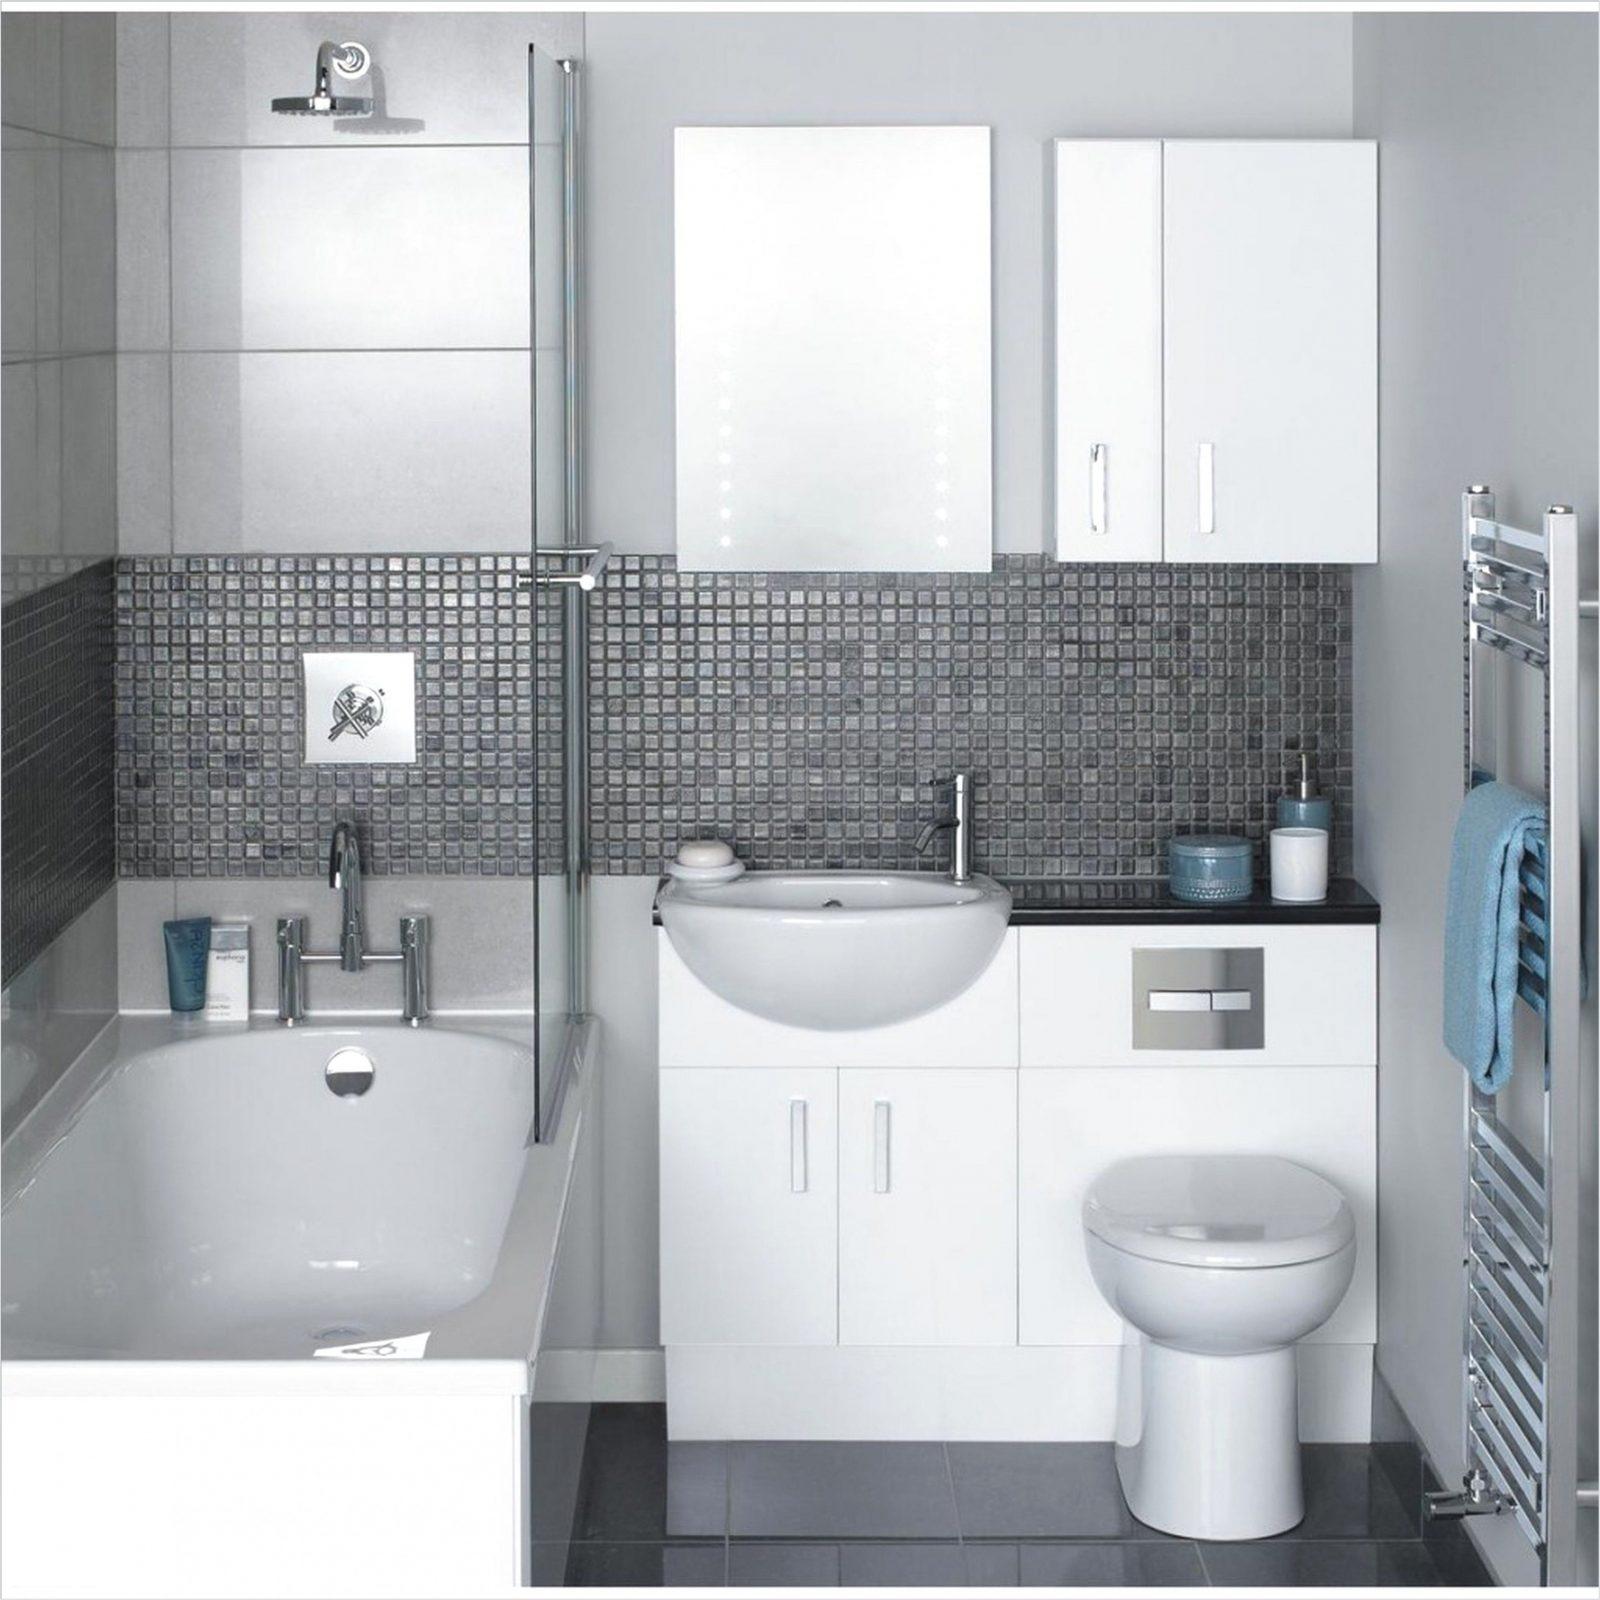 Kleine Bäder Sanieren Unglaublich 40 Design Ideen Für Kleine von Kleines Badezimmer Design Ideen Bild